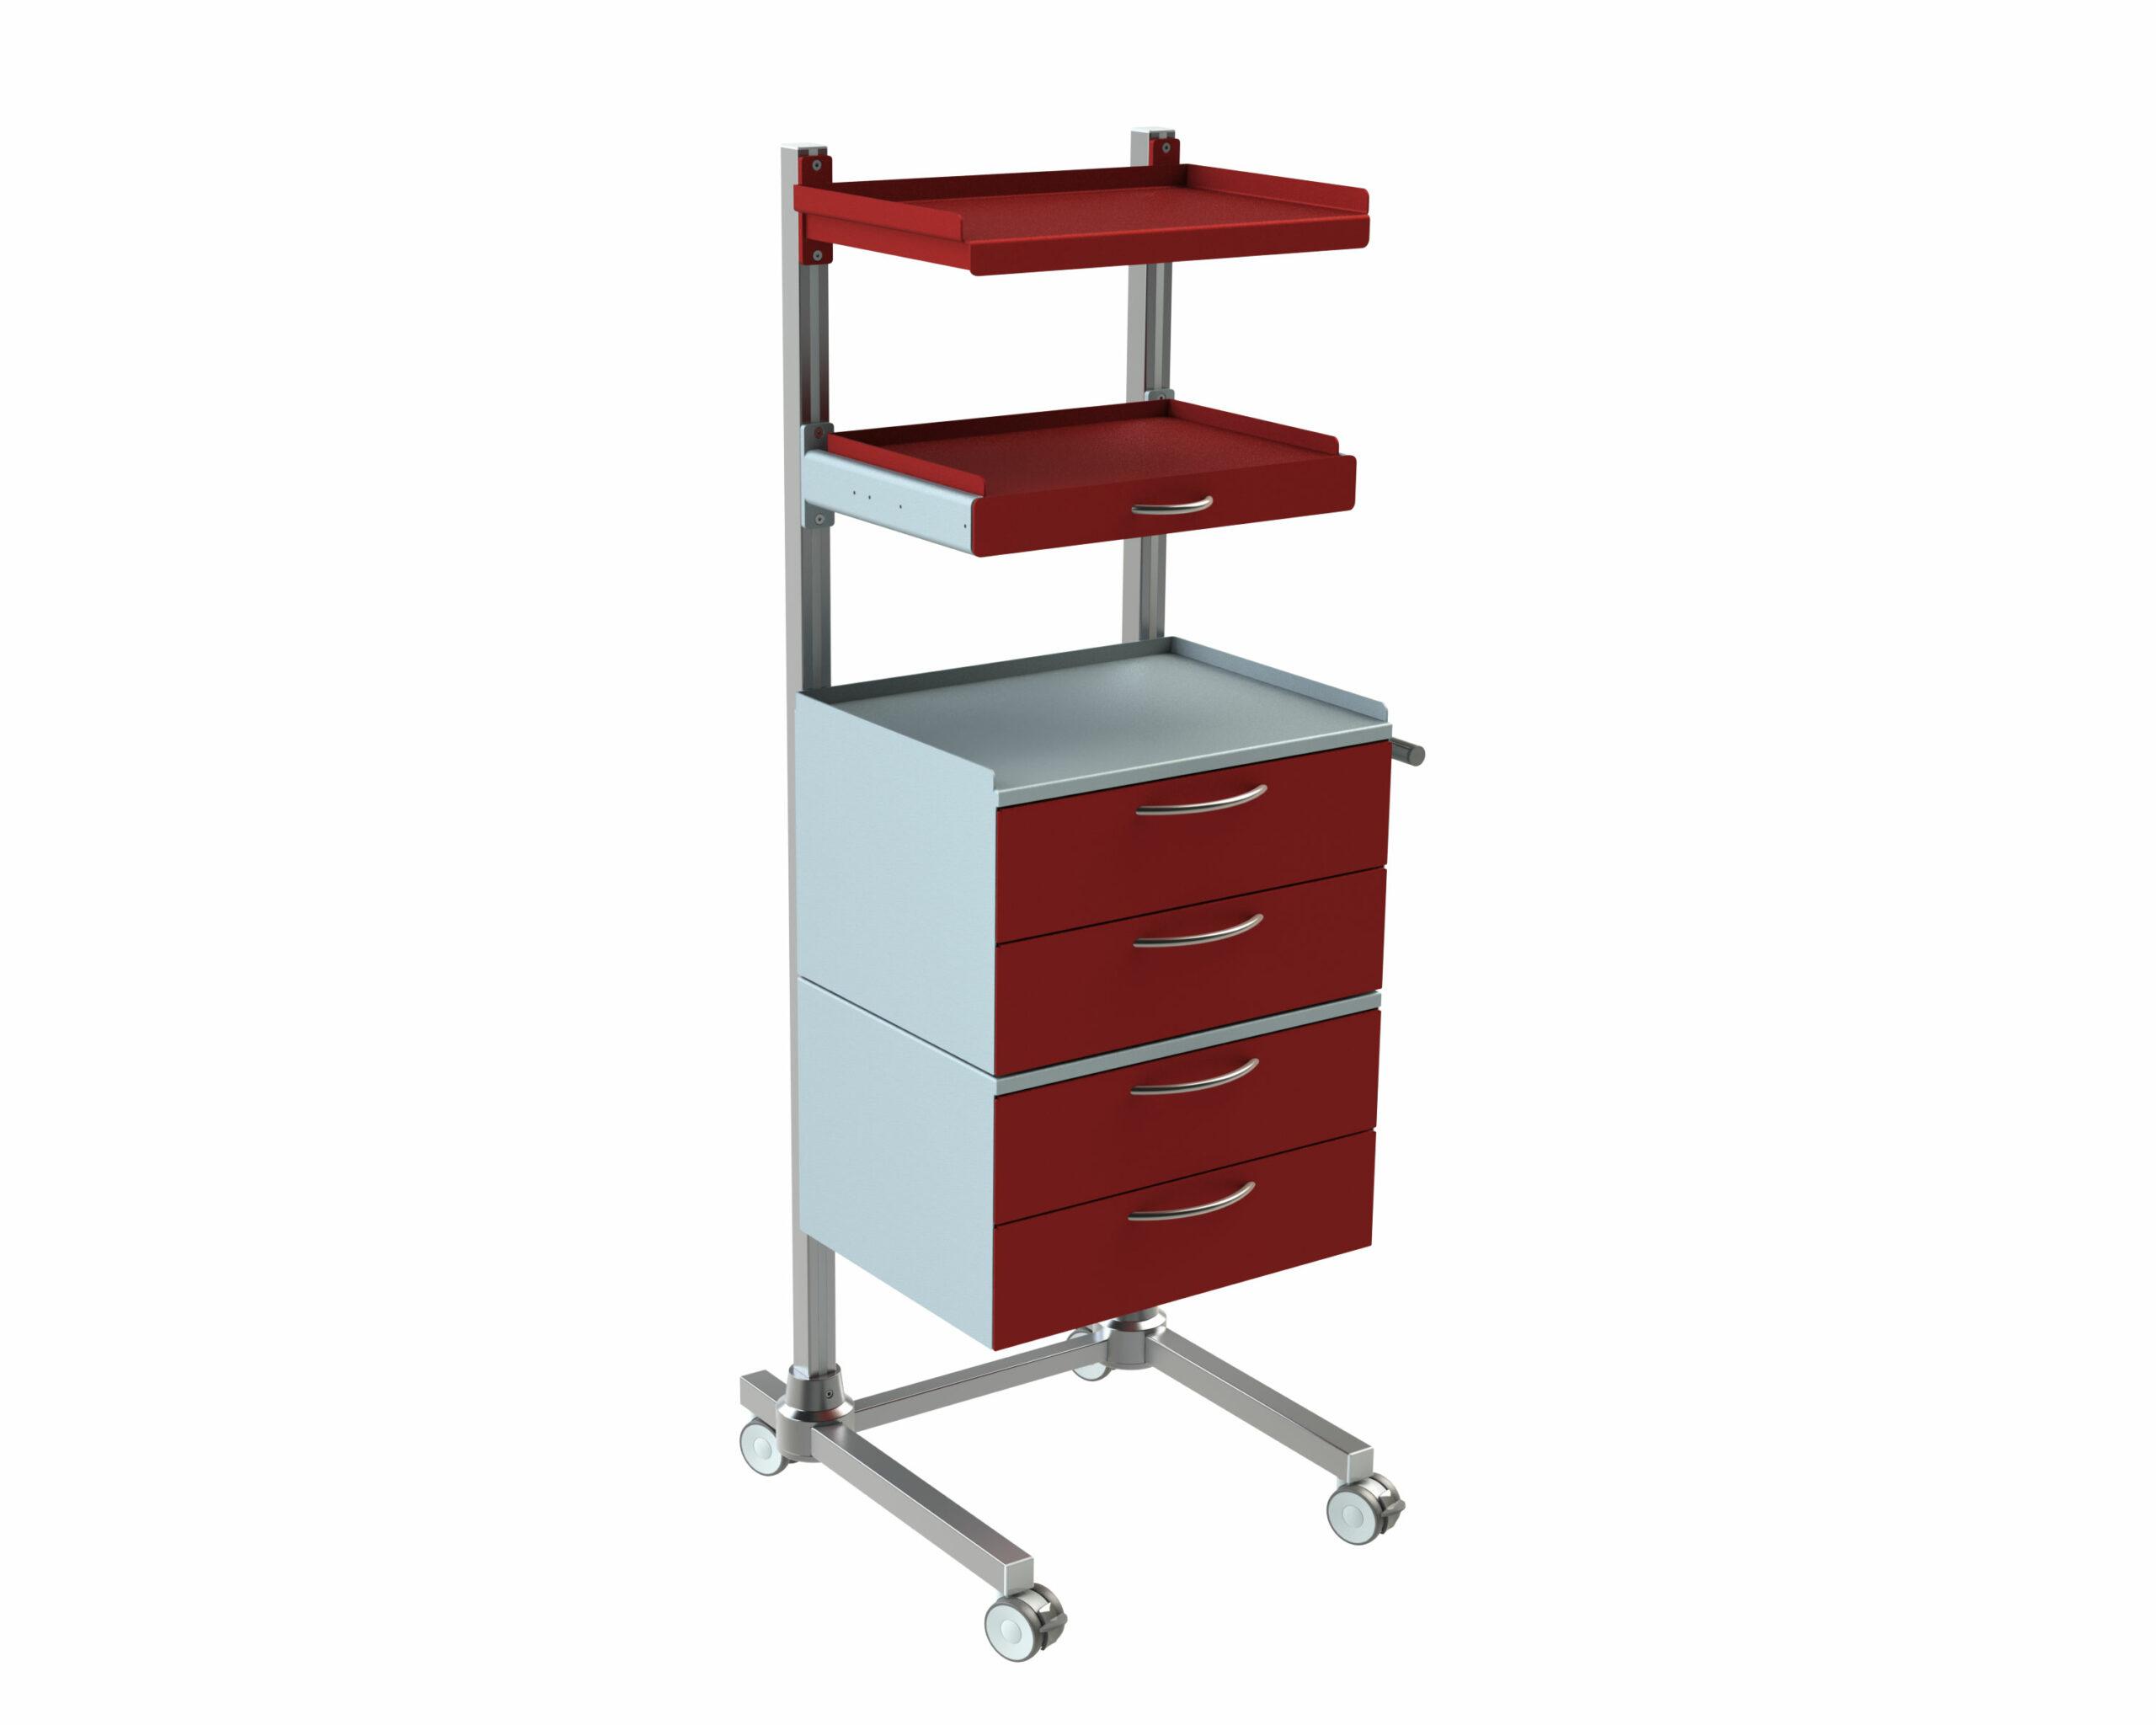 Hygienestation-Henry-Schubladen-Normschiene-Ausziehplatte-Arbeitsplatte-Reling